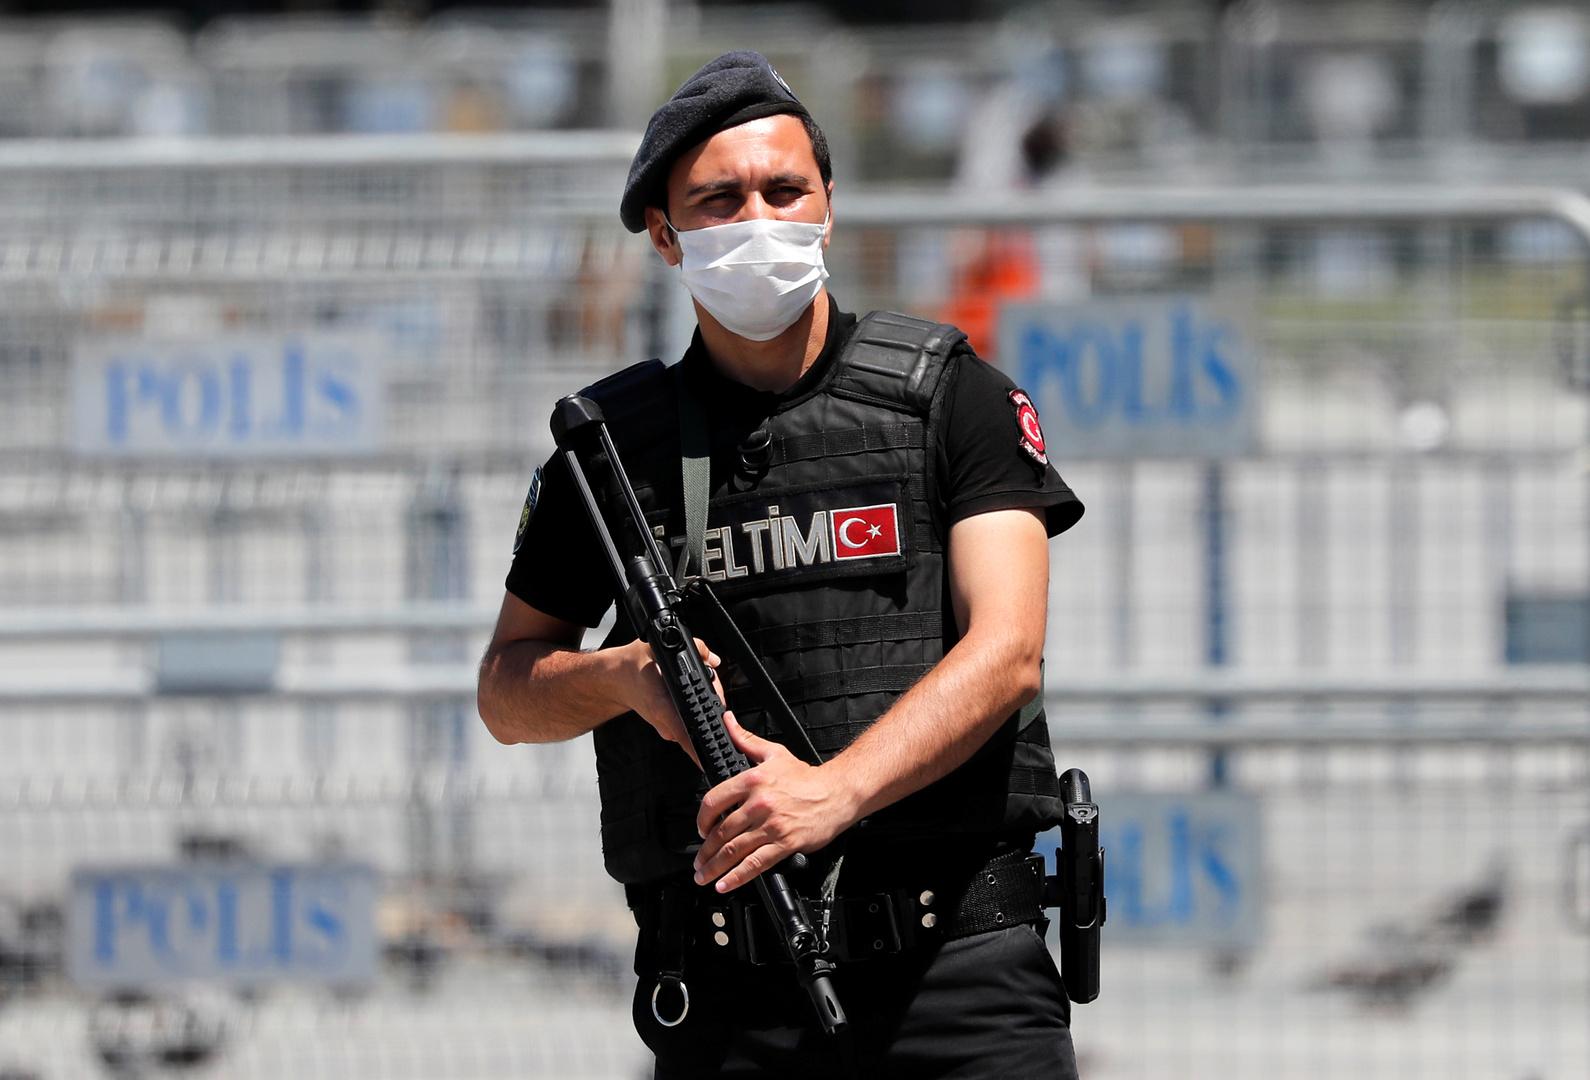 الأمن التركي يوقف 15 عراقيا وسوريا واحدا متهمين بالانتماء إلى داعش